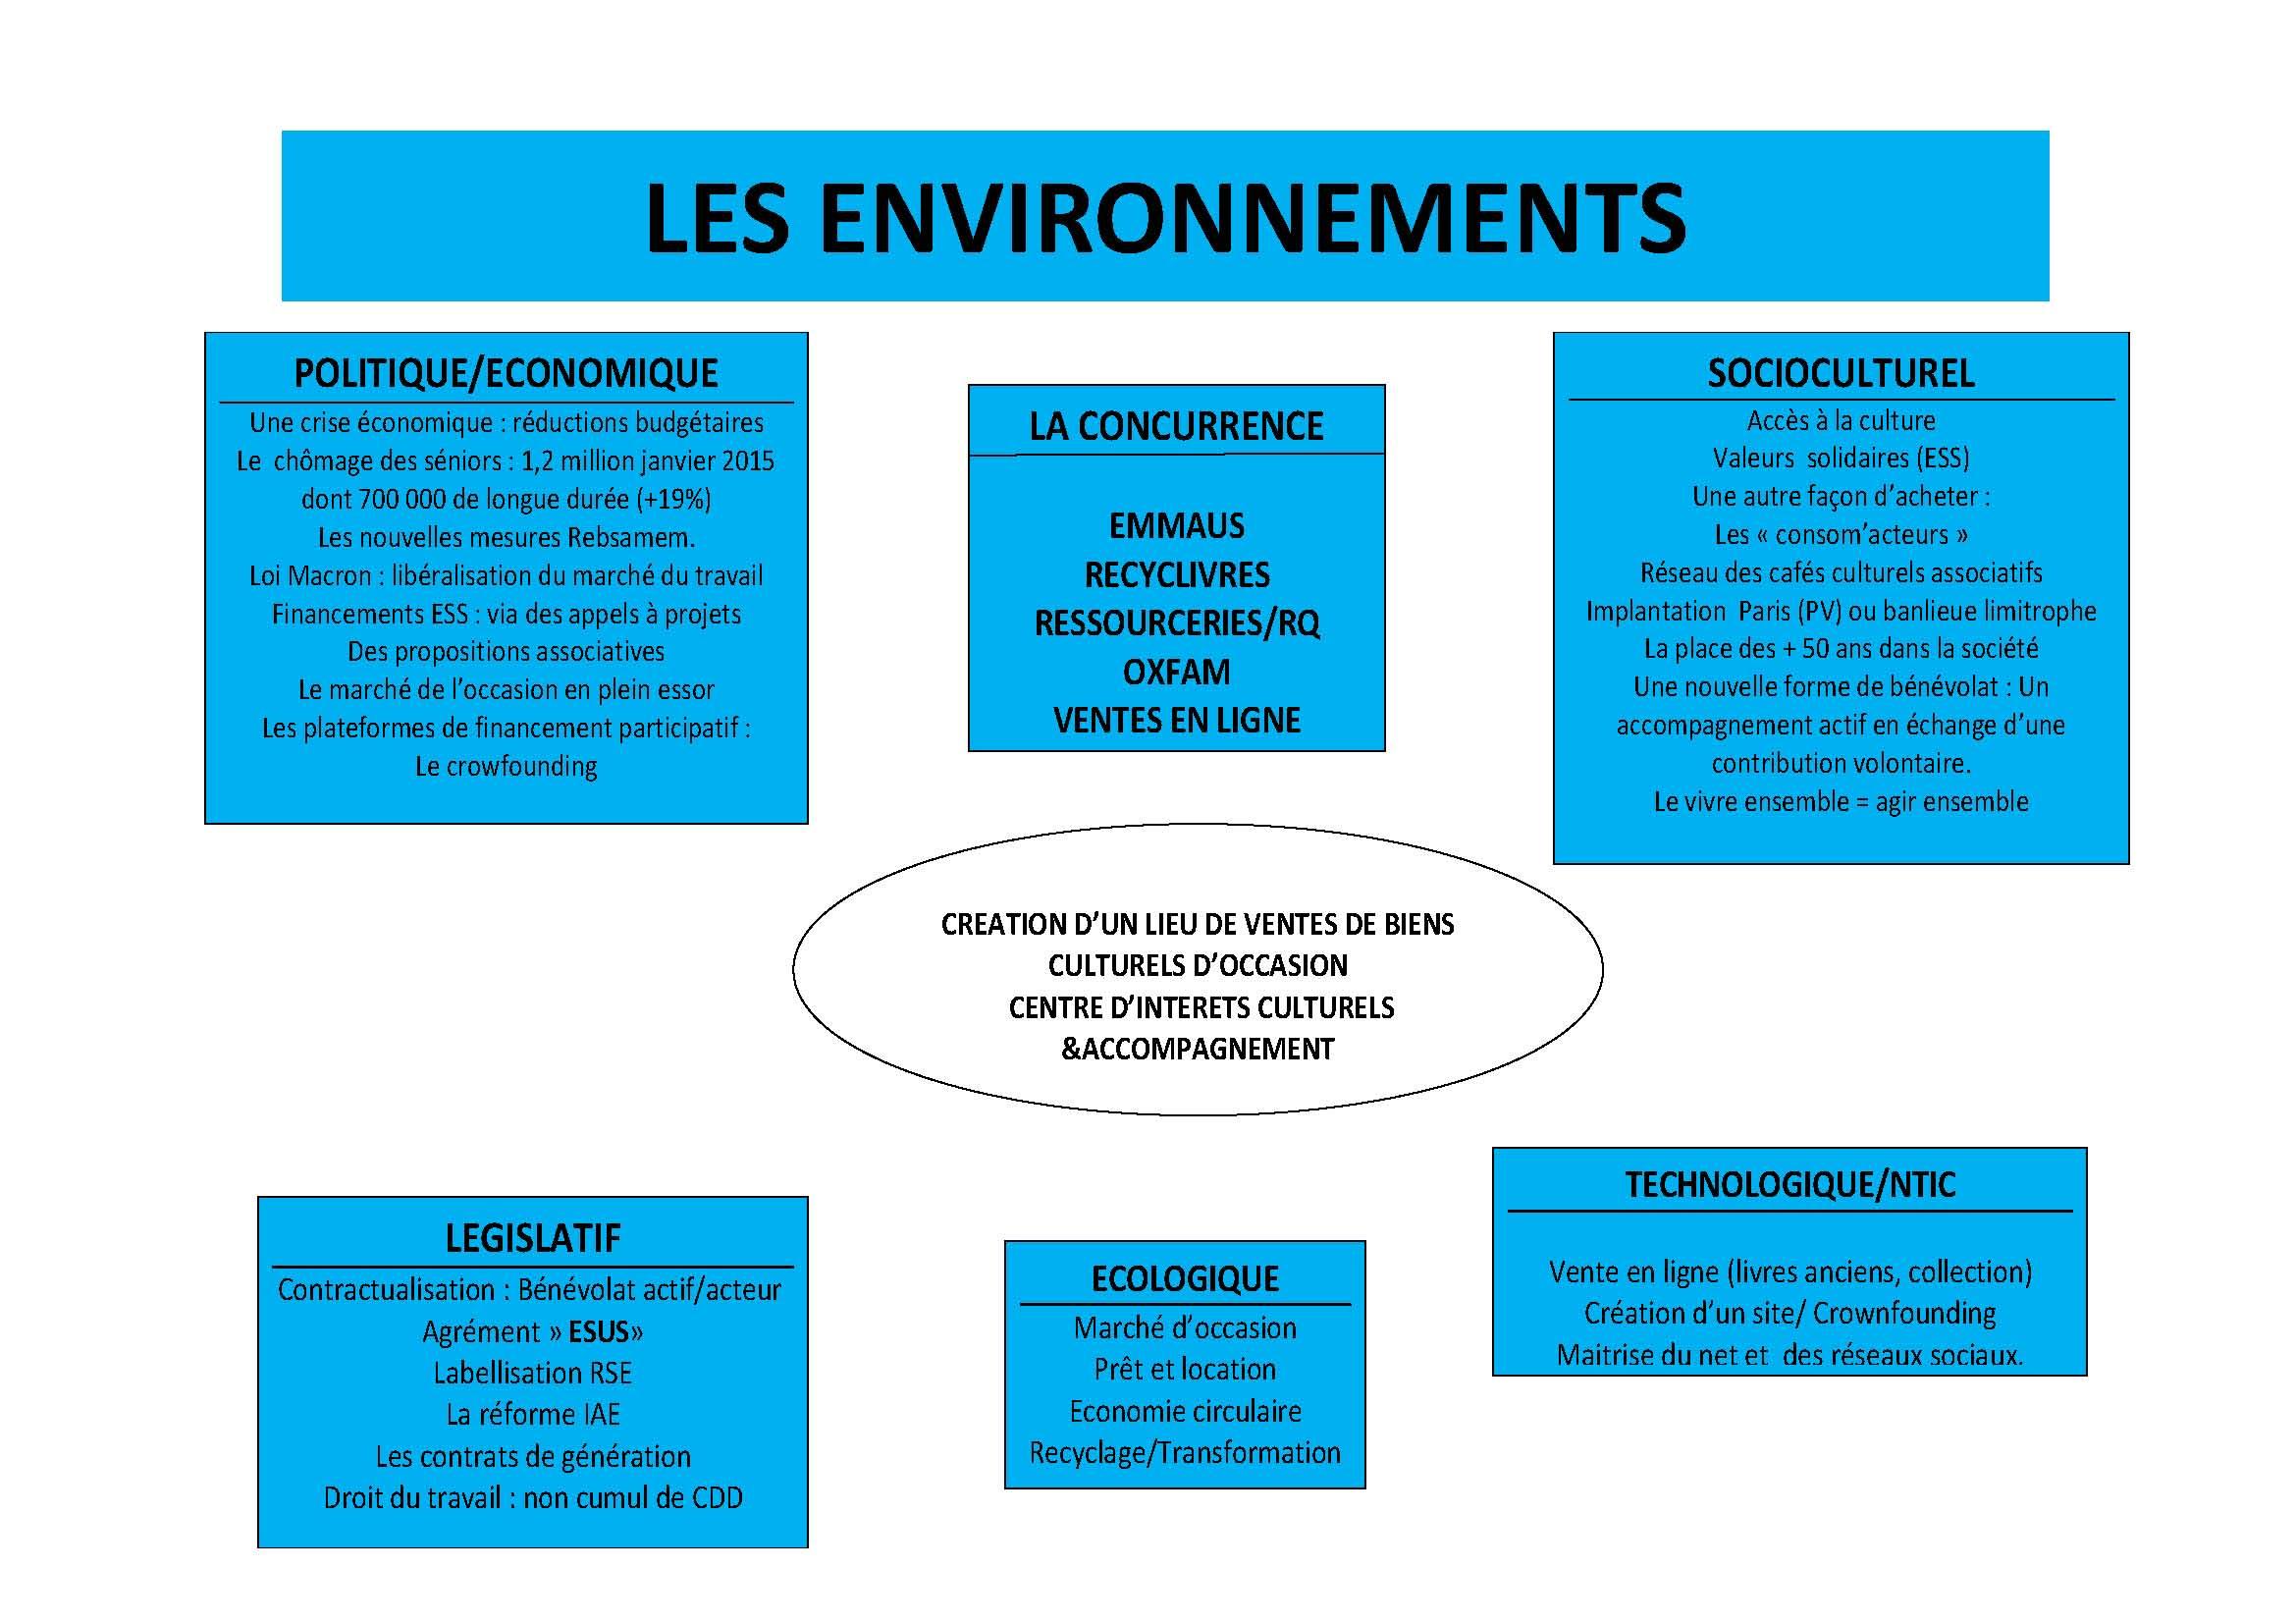 Synthese-La-Table-des-Matières-3